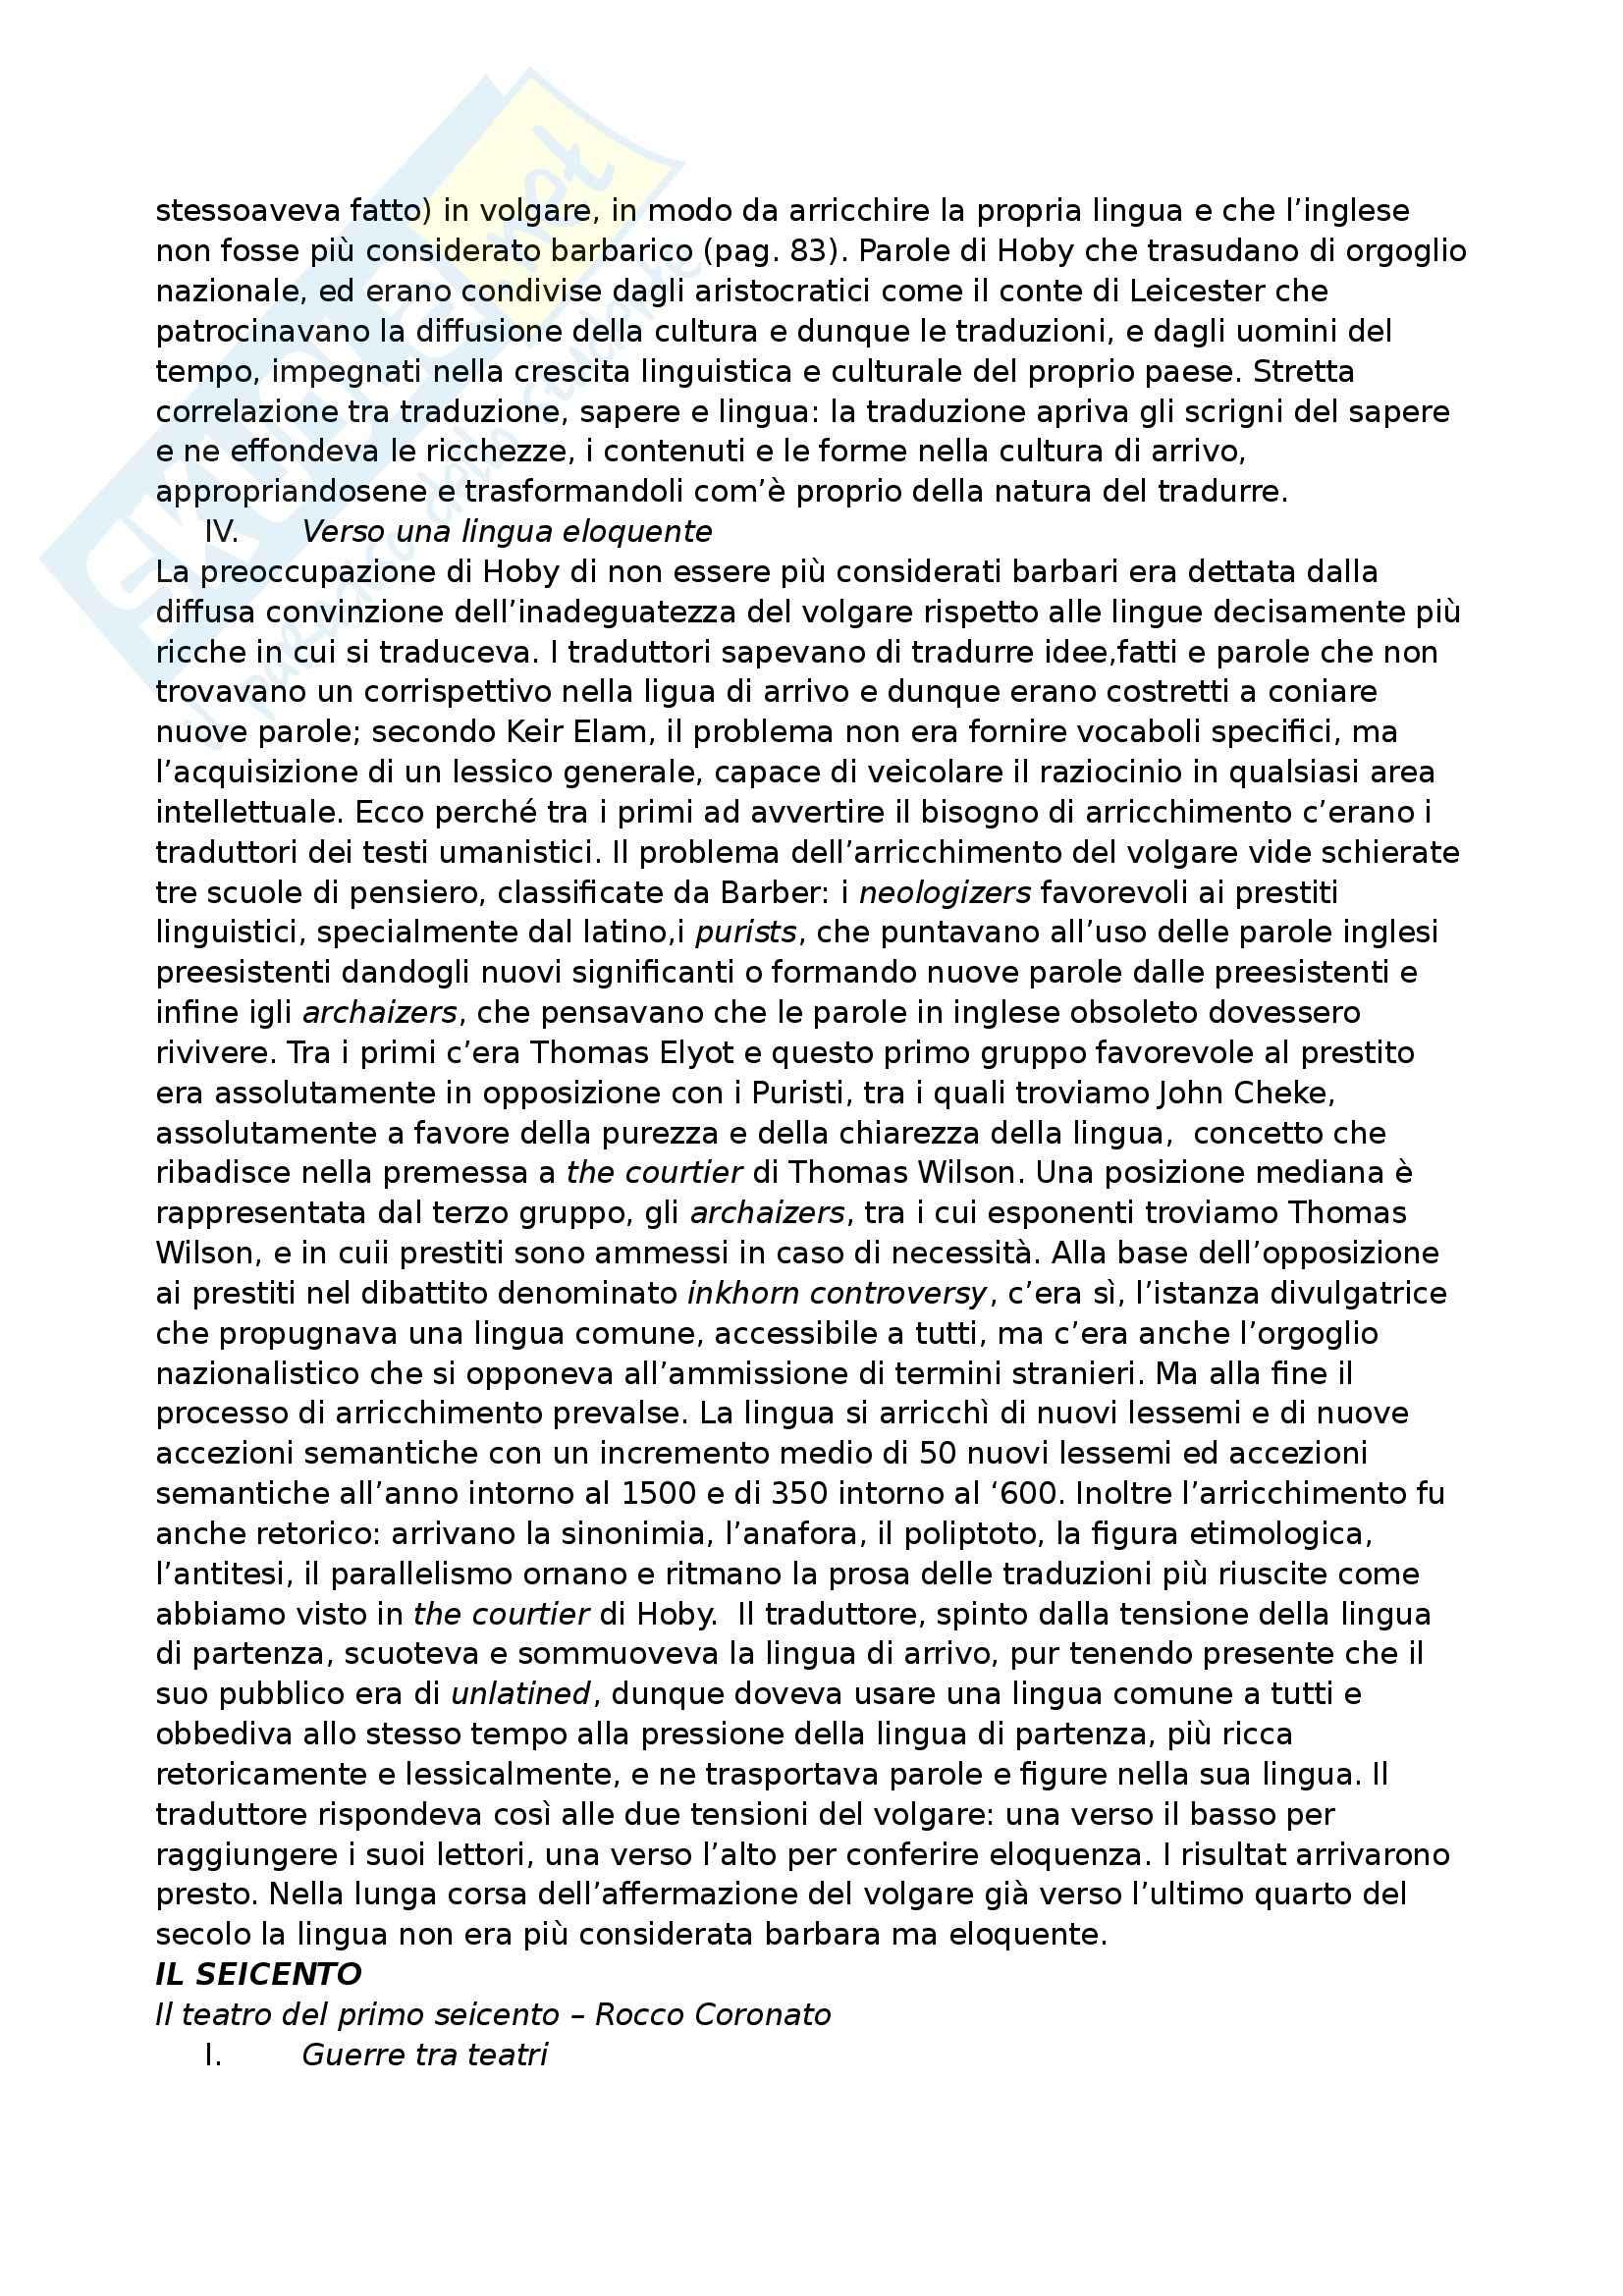 Riassunto esame Letteratura inglese, prof. Crisafulli, libro consigliato Manuale di Letteratura e cultura inglese, Elam, Crisafulli Pag. 26